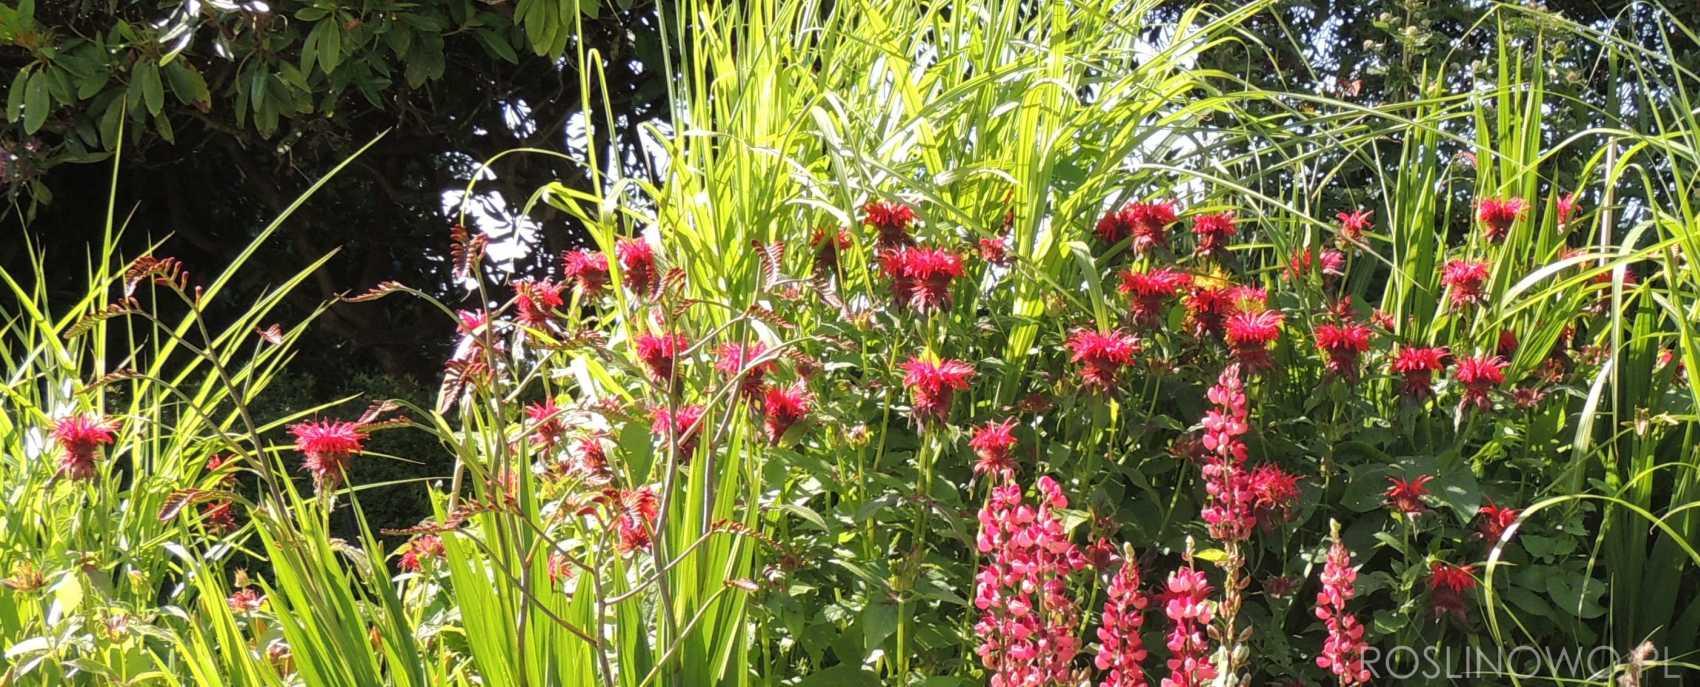 Pysznogłówka ogrodowa, bergamotka - bylina wieloletnia.